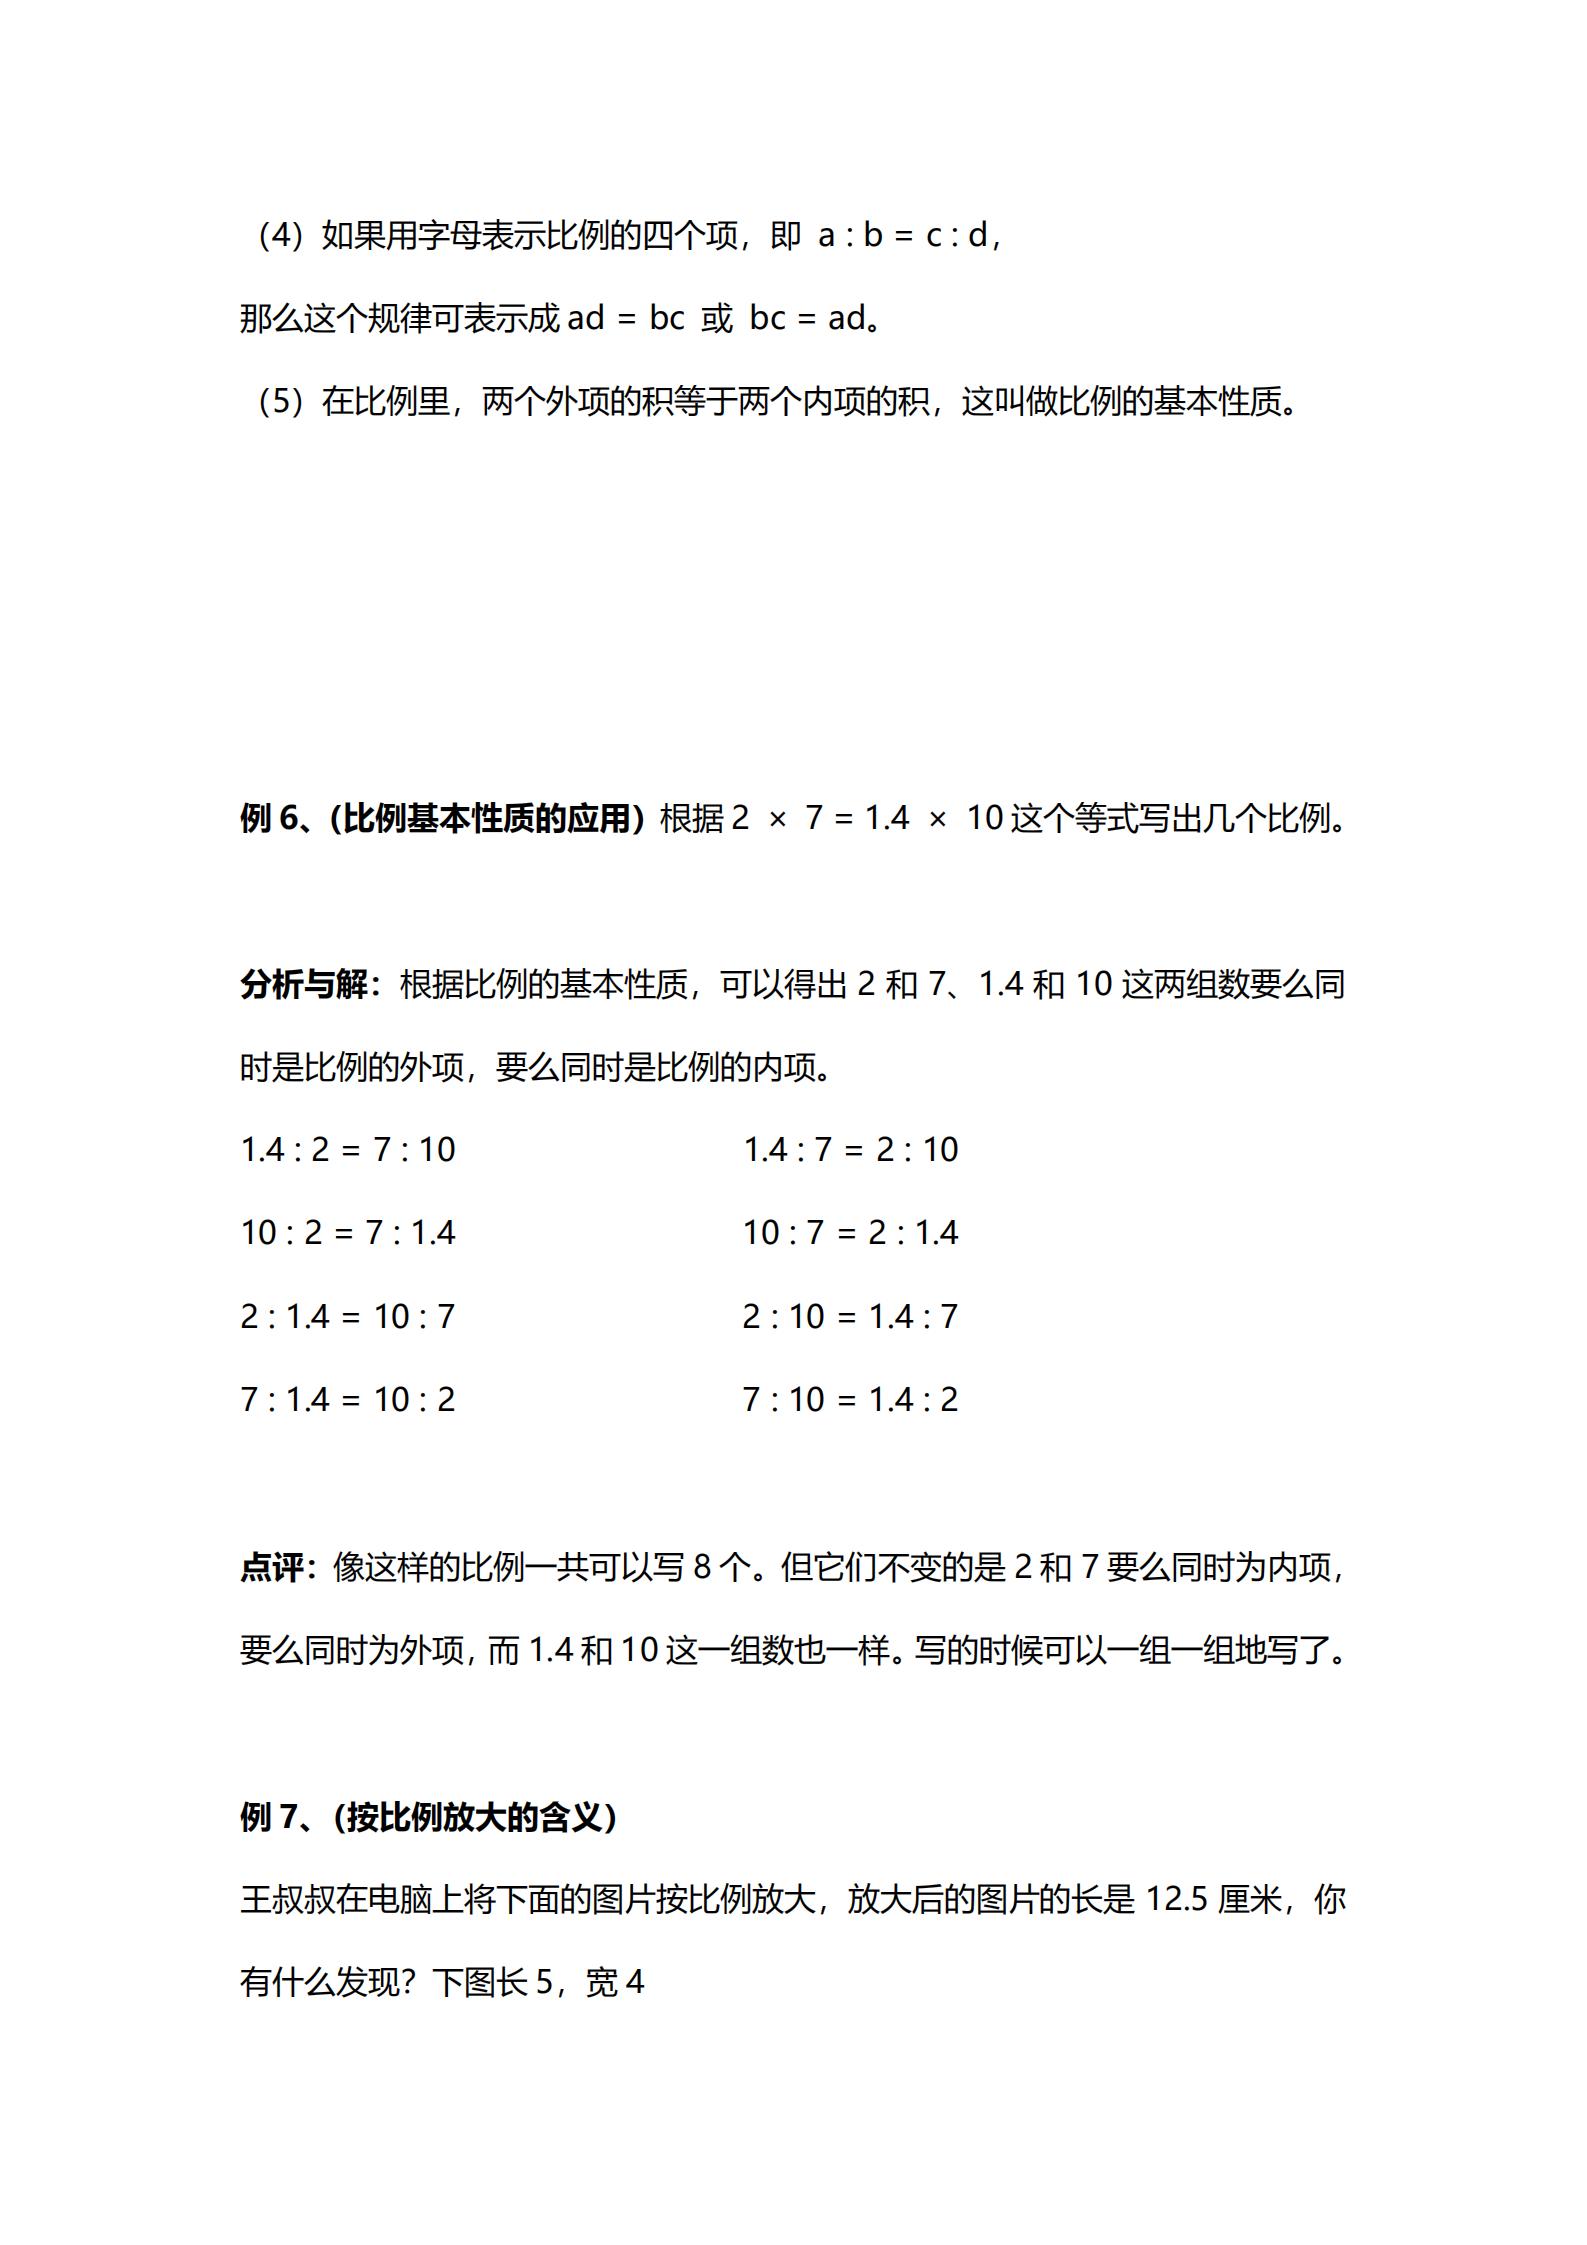 【数学】高频考点-四大专题知识点精选题_19.png